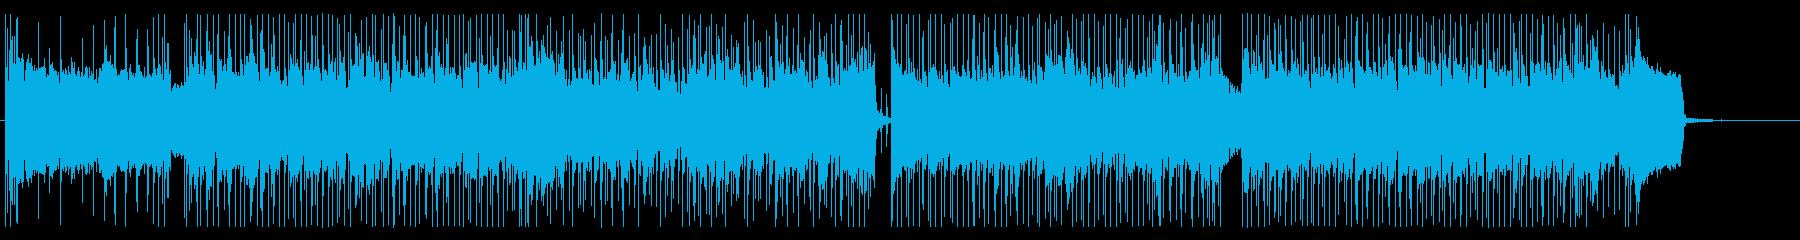 クレイジーなリズムのメタルリフBGMの再生済みの波形